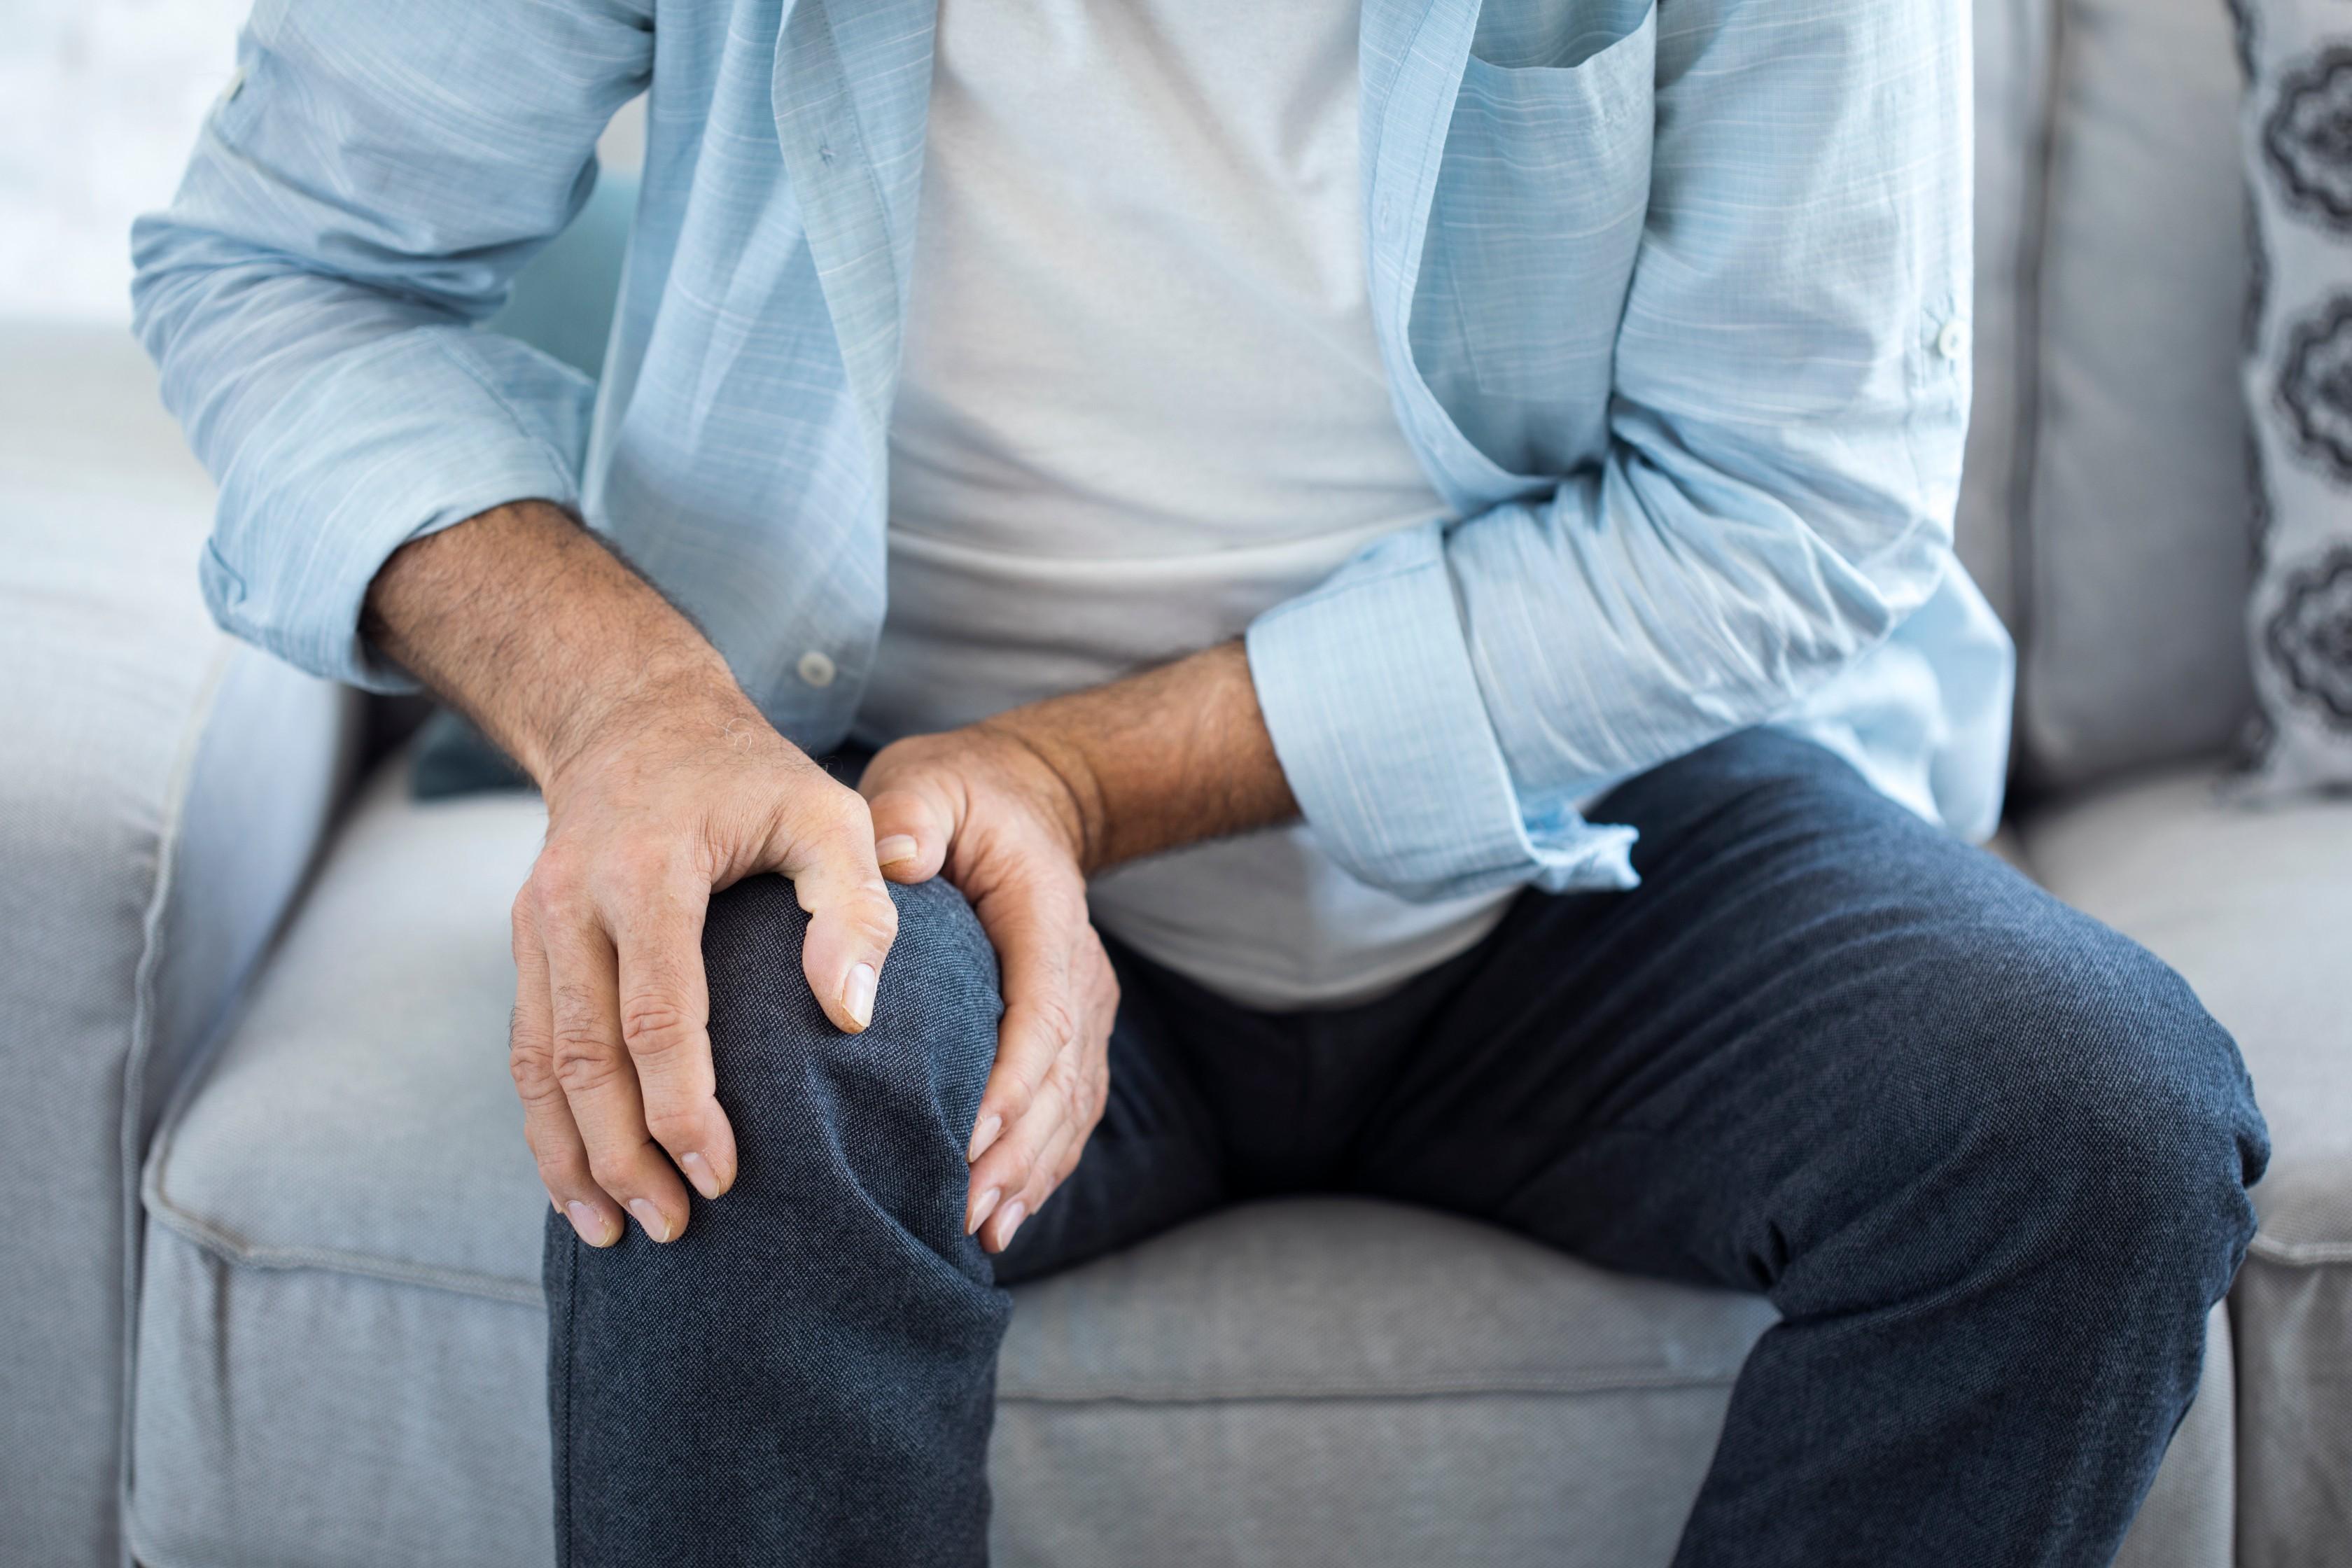 gyorsan megszabaduljon a lábízületi fájdalmaktól